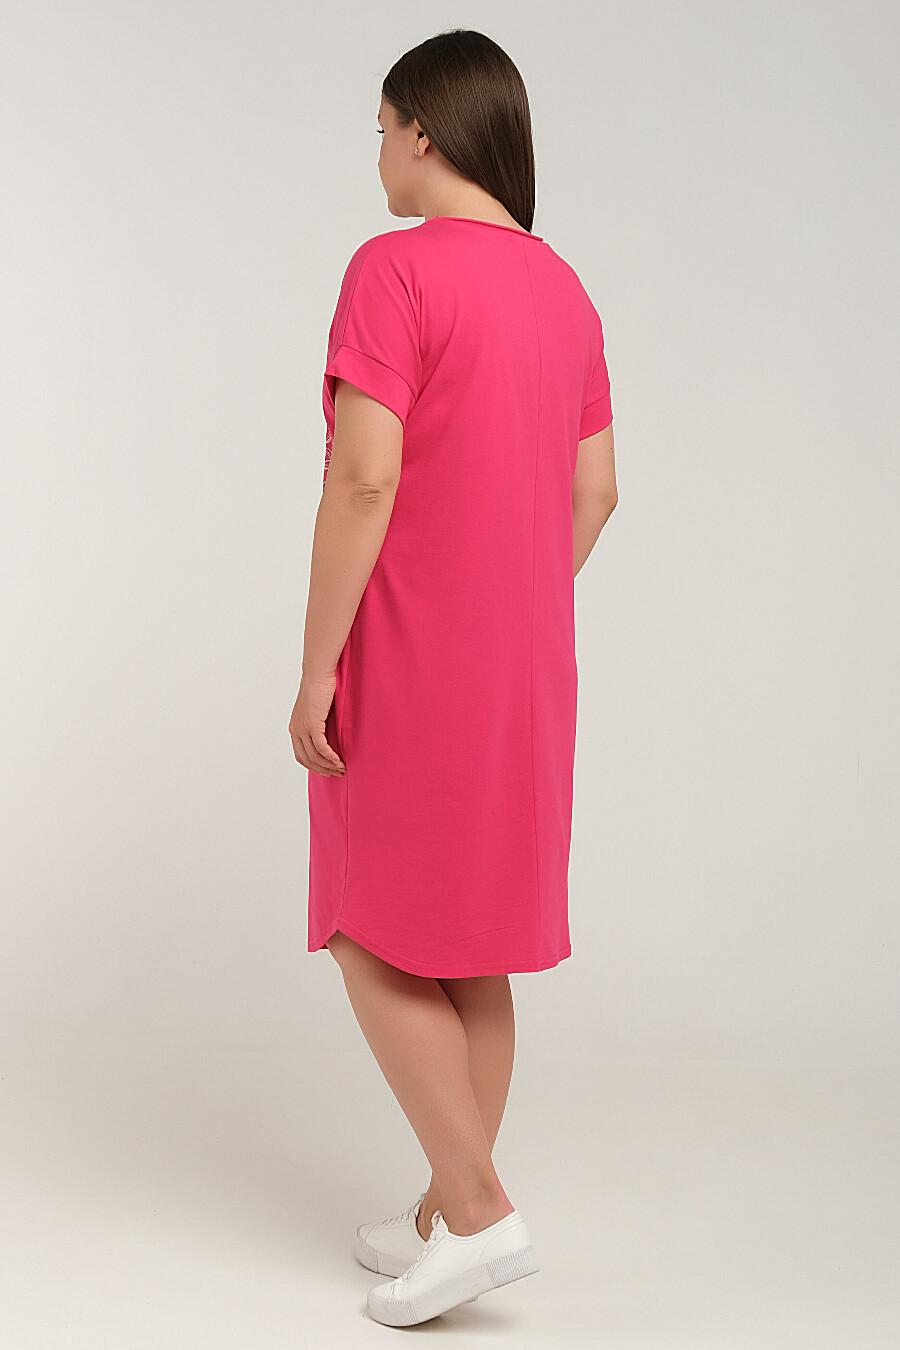 Платье ODEVAITE (665968), купить в Moyo.moda